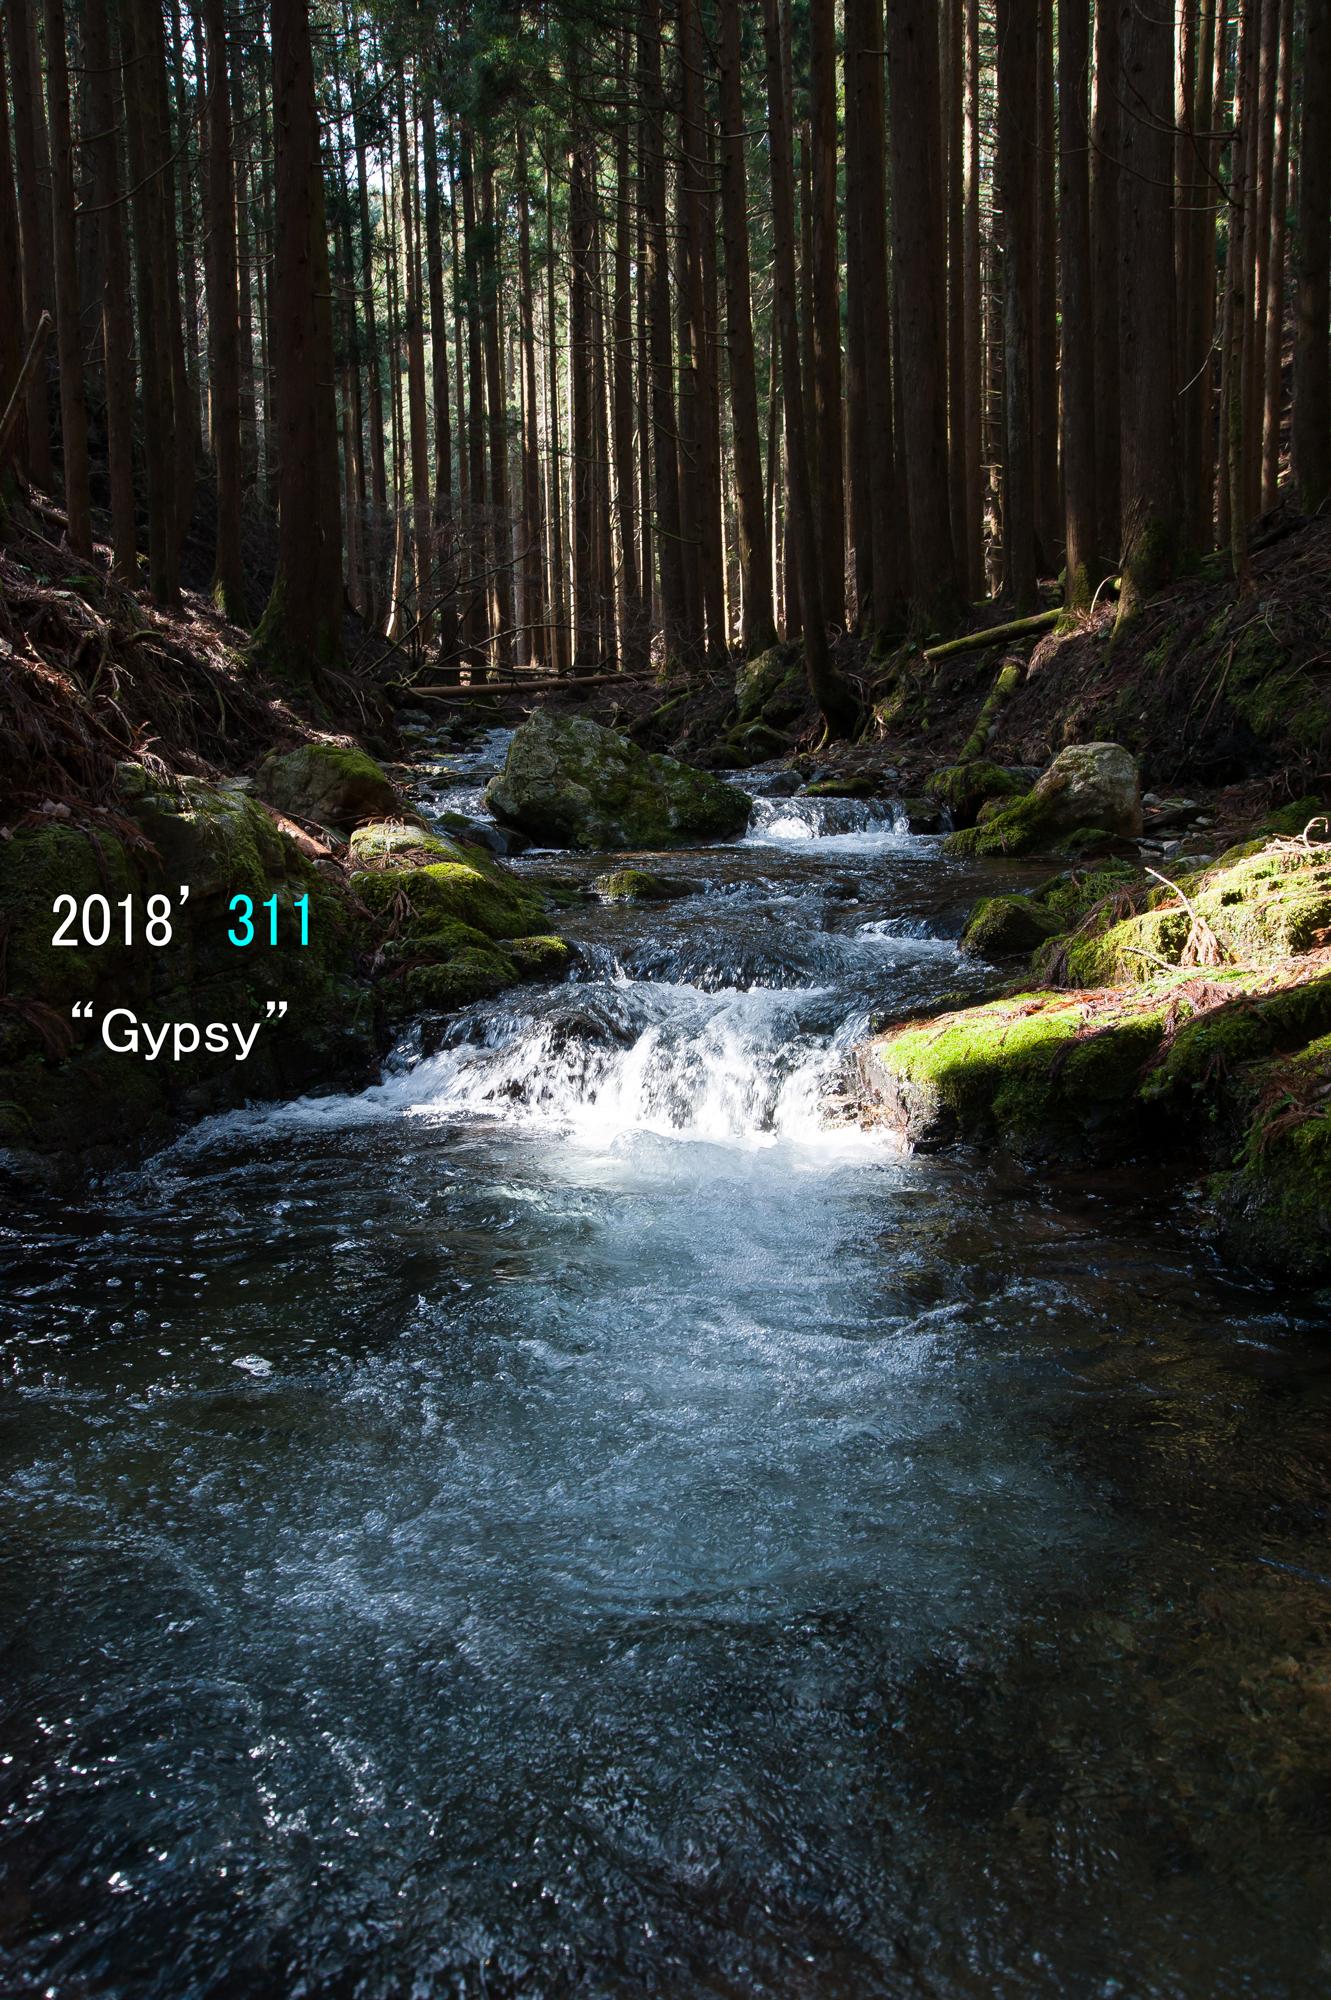 2018031101.jpg